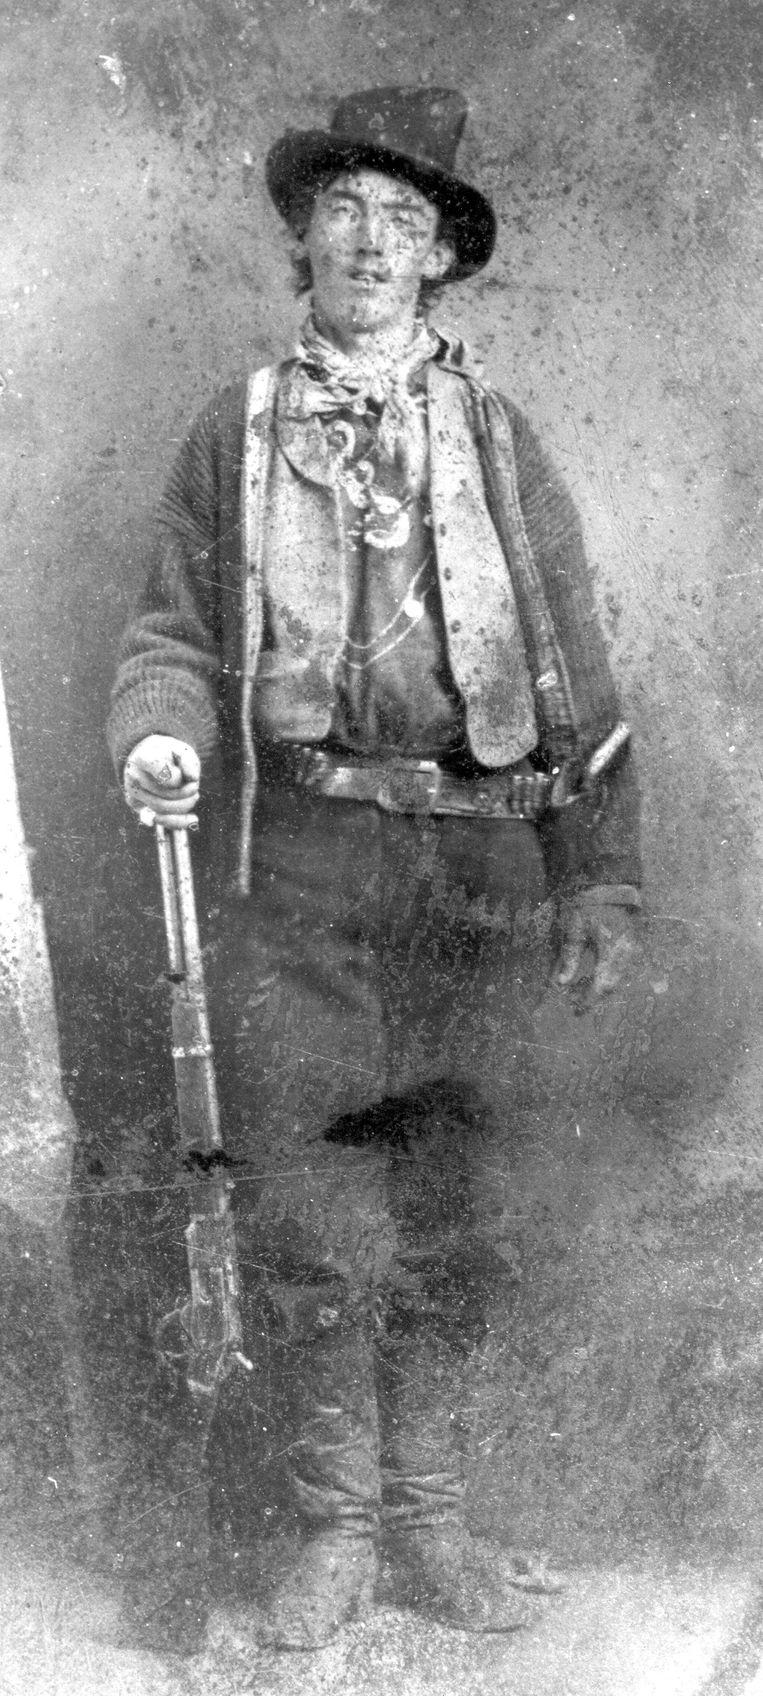 Dit portret van Billy the Kid werd in 2011 geveild voor meer dan twee miljoen dollar. Beeld AP